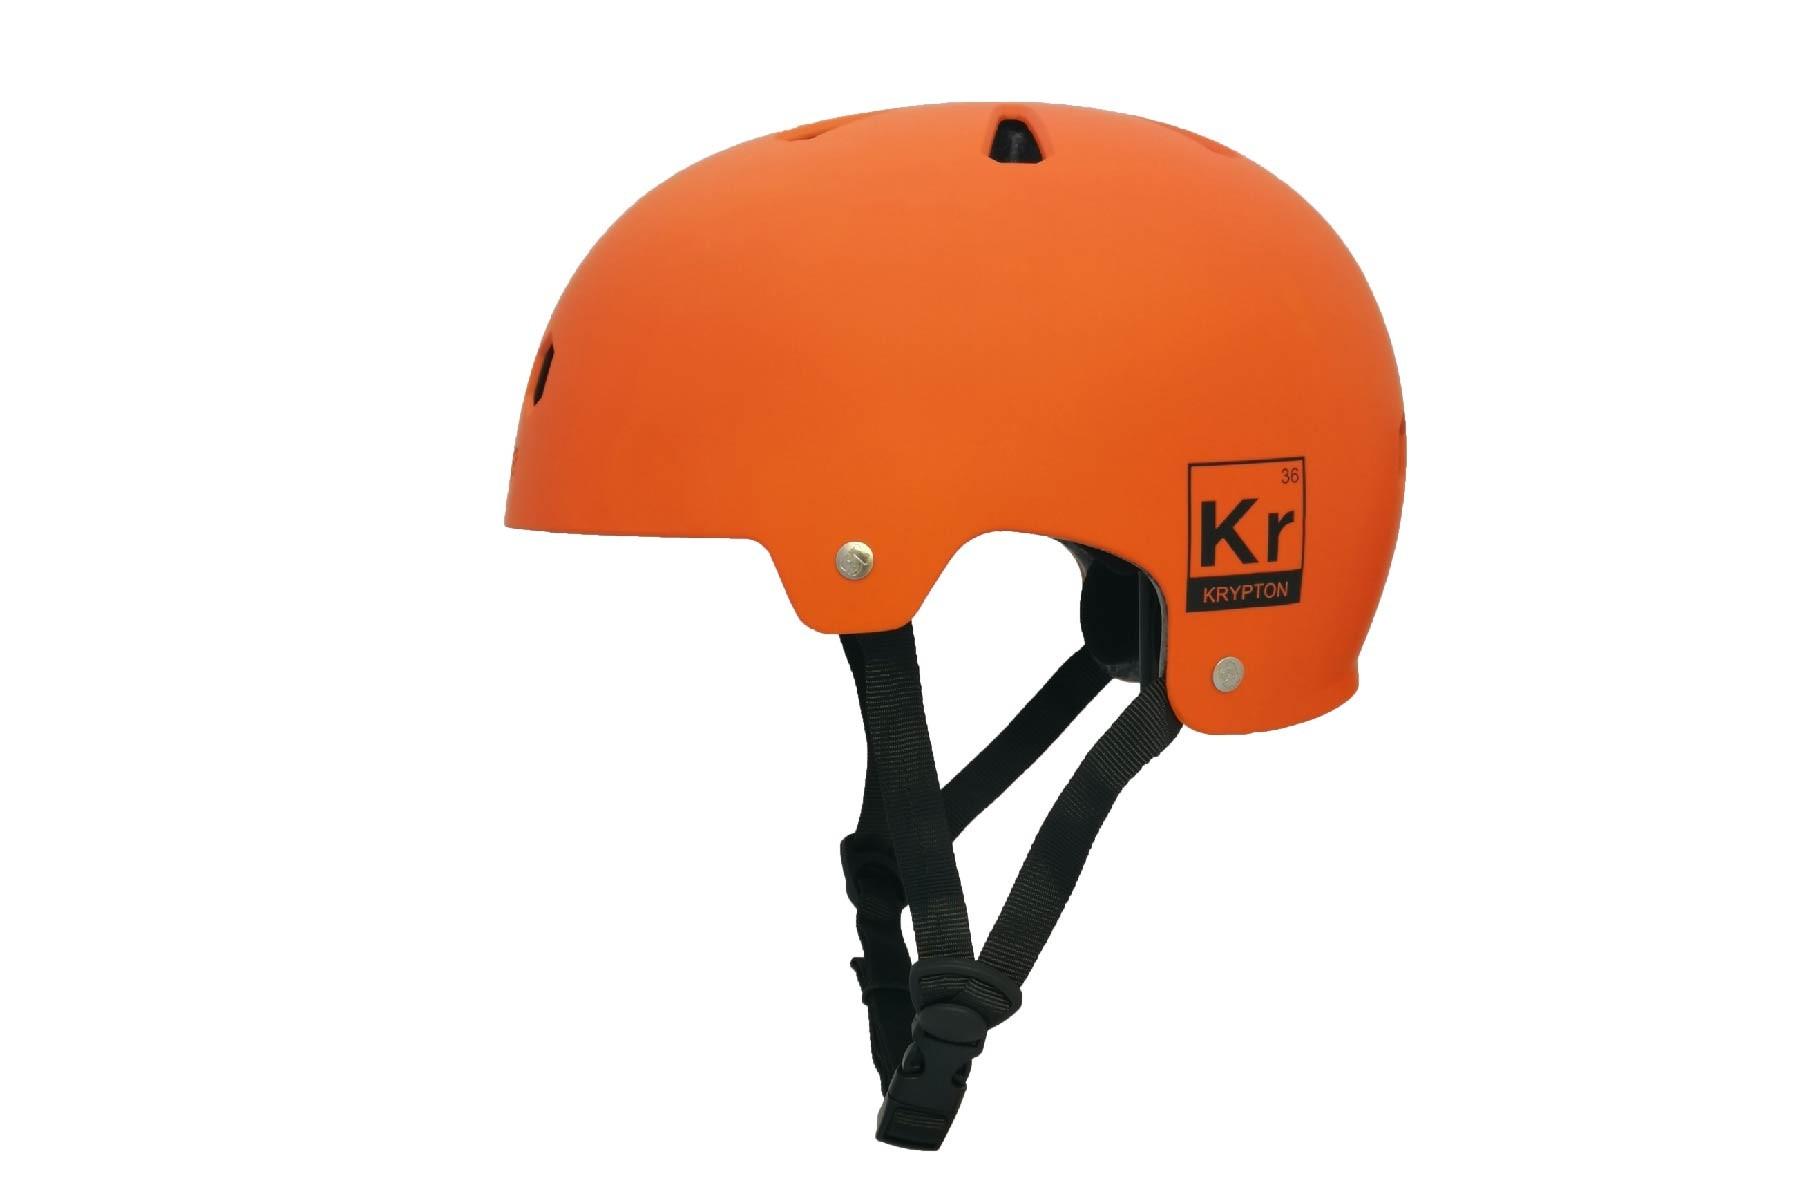 Casco Krypton Orange Black